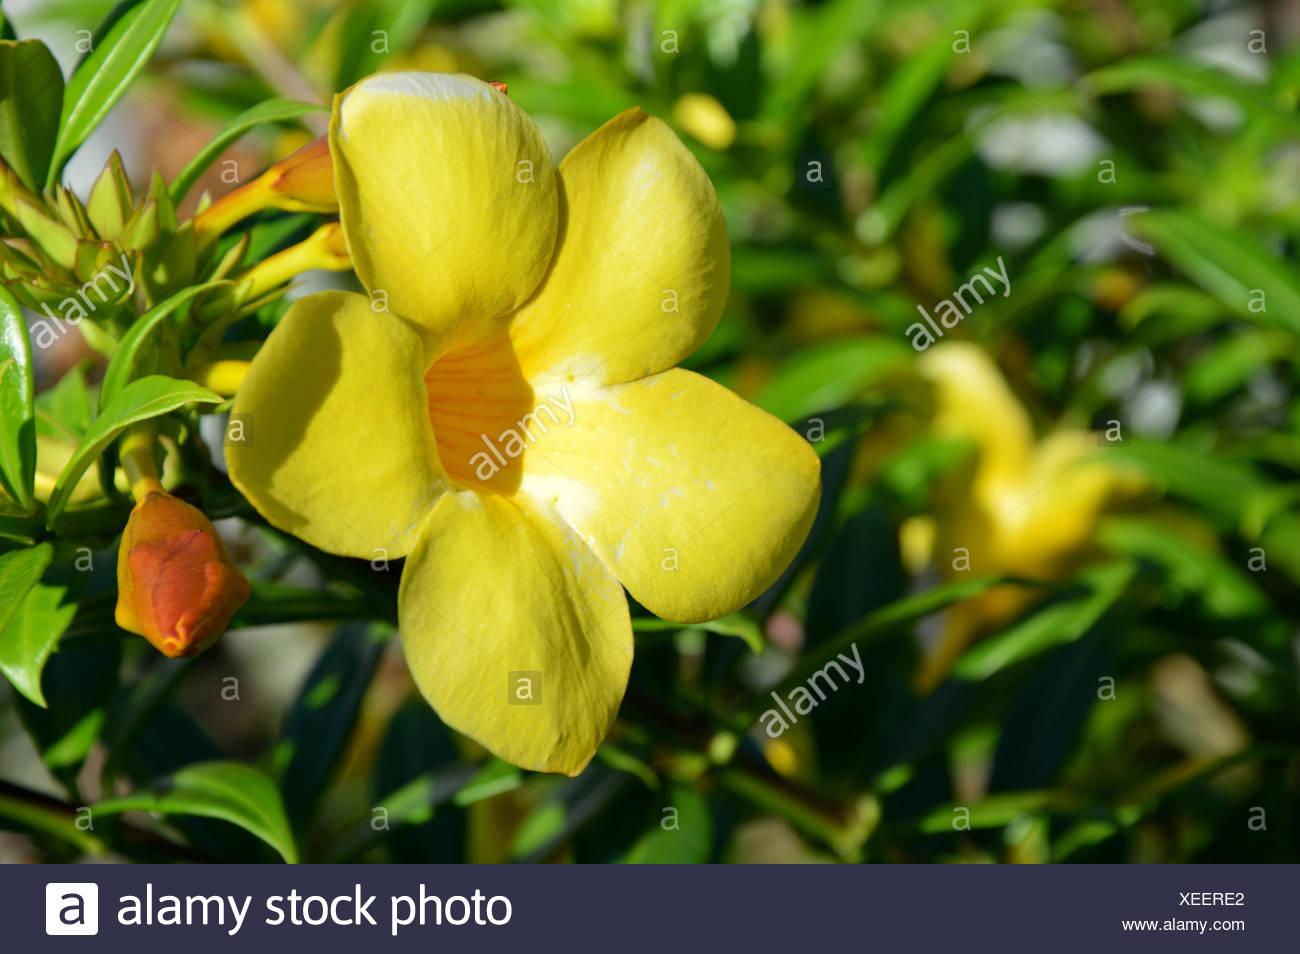 Allamanda or golden trumpet beautiful yellow flower golden allamanda or golden trumpet beautiful yellow flower golden trumpet vine mightylinksfo